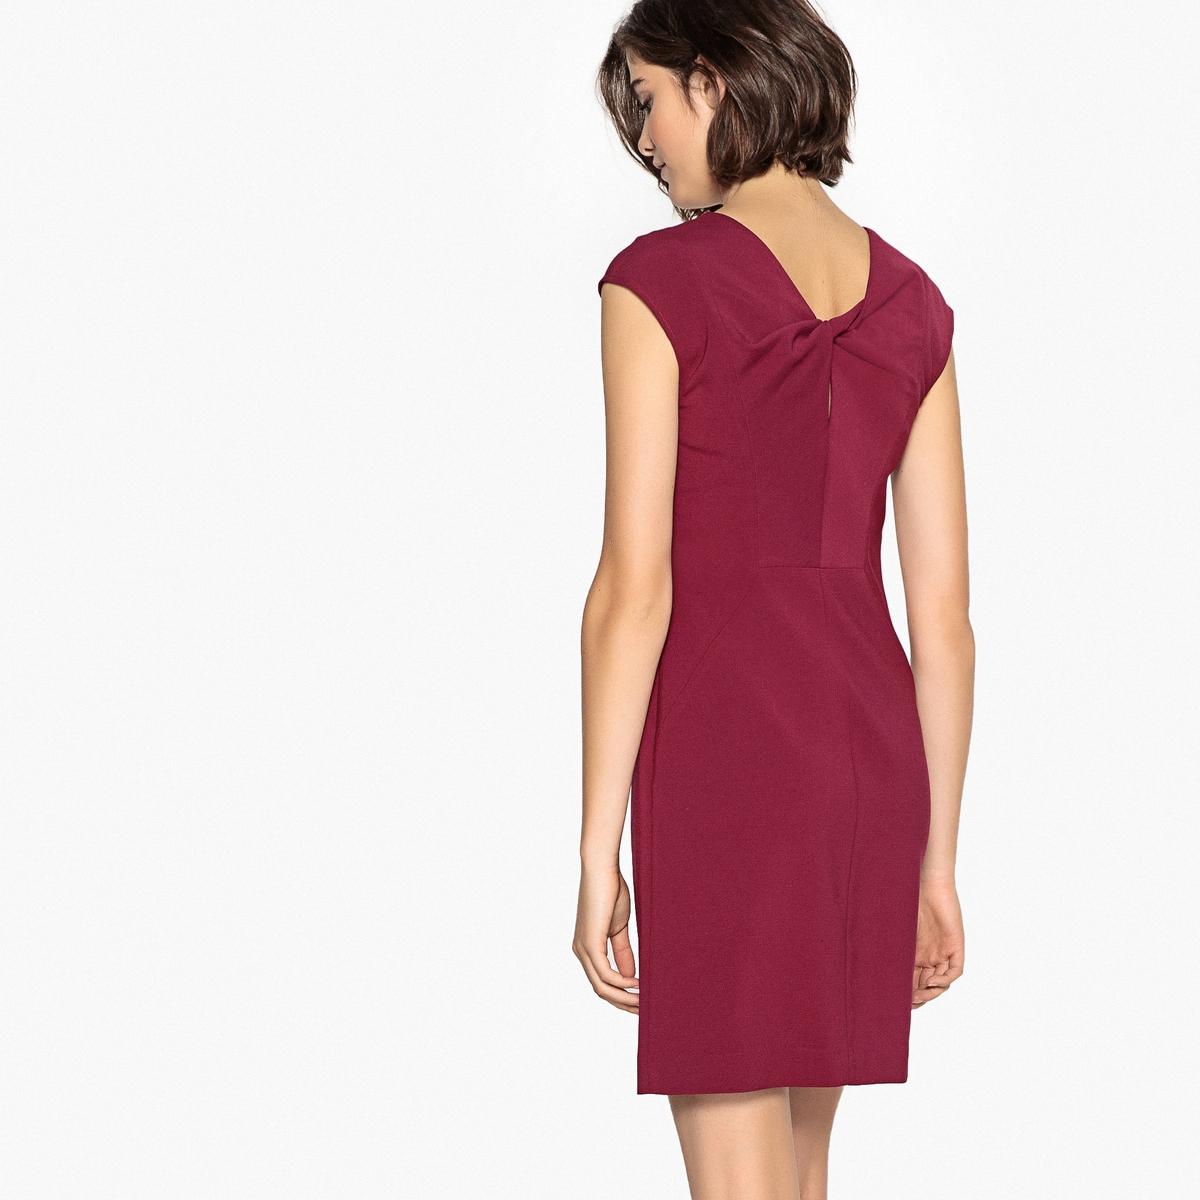 Платье La Redoute Прямое с бантом сзади 38 (FR) - 44 (RUS) красный